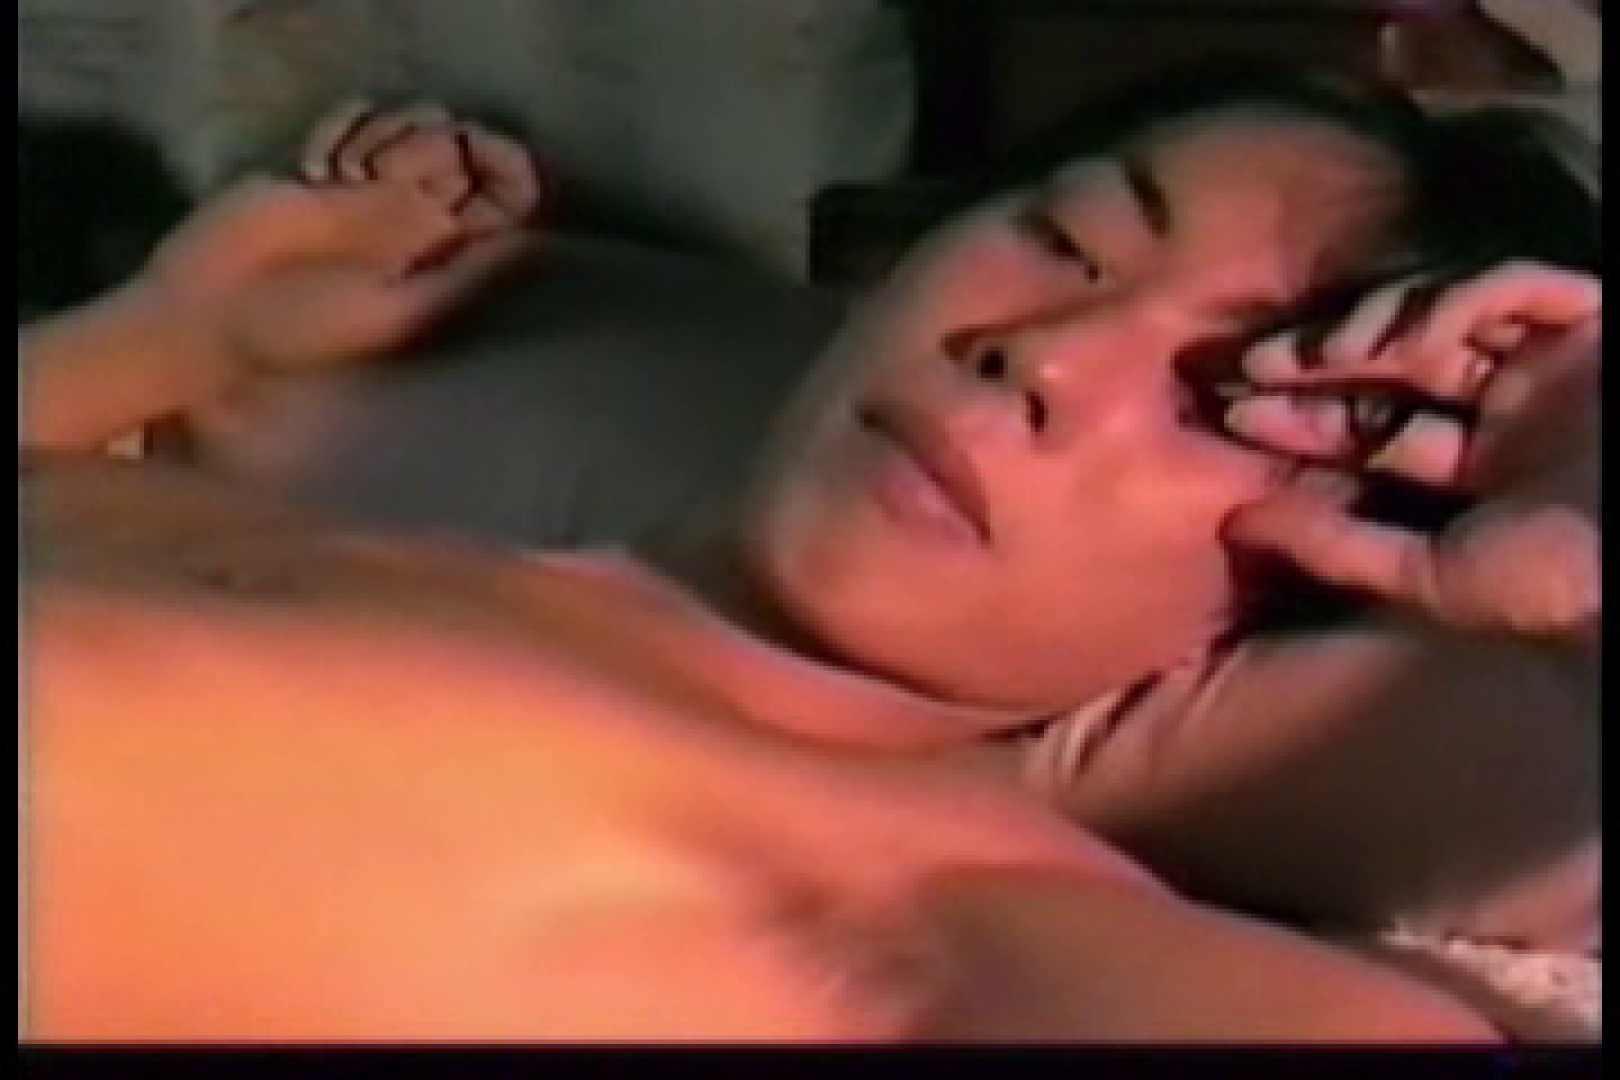 【個人製作】若き男子たちのジャム遊び 仰天アナル ゲイ無修正動画画像 62pic 31